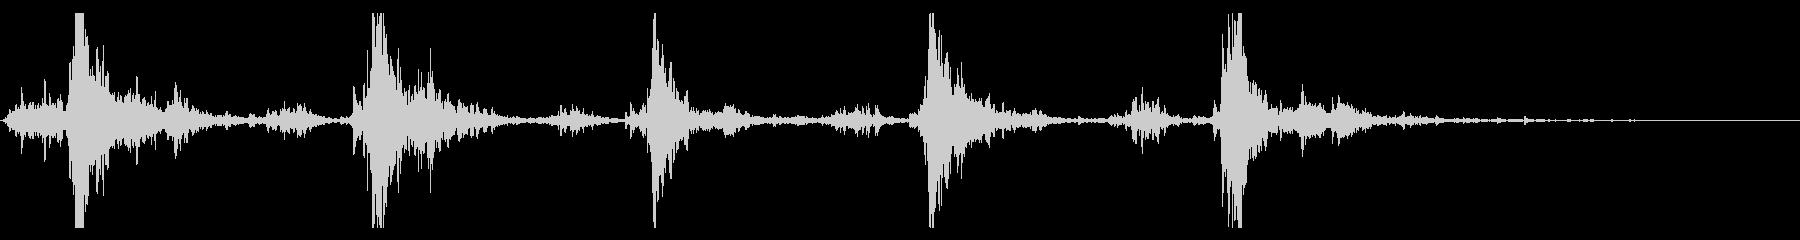 シャン×5(鈴の音)の未再生の波形